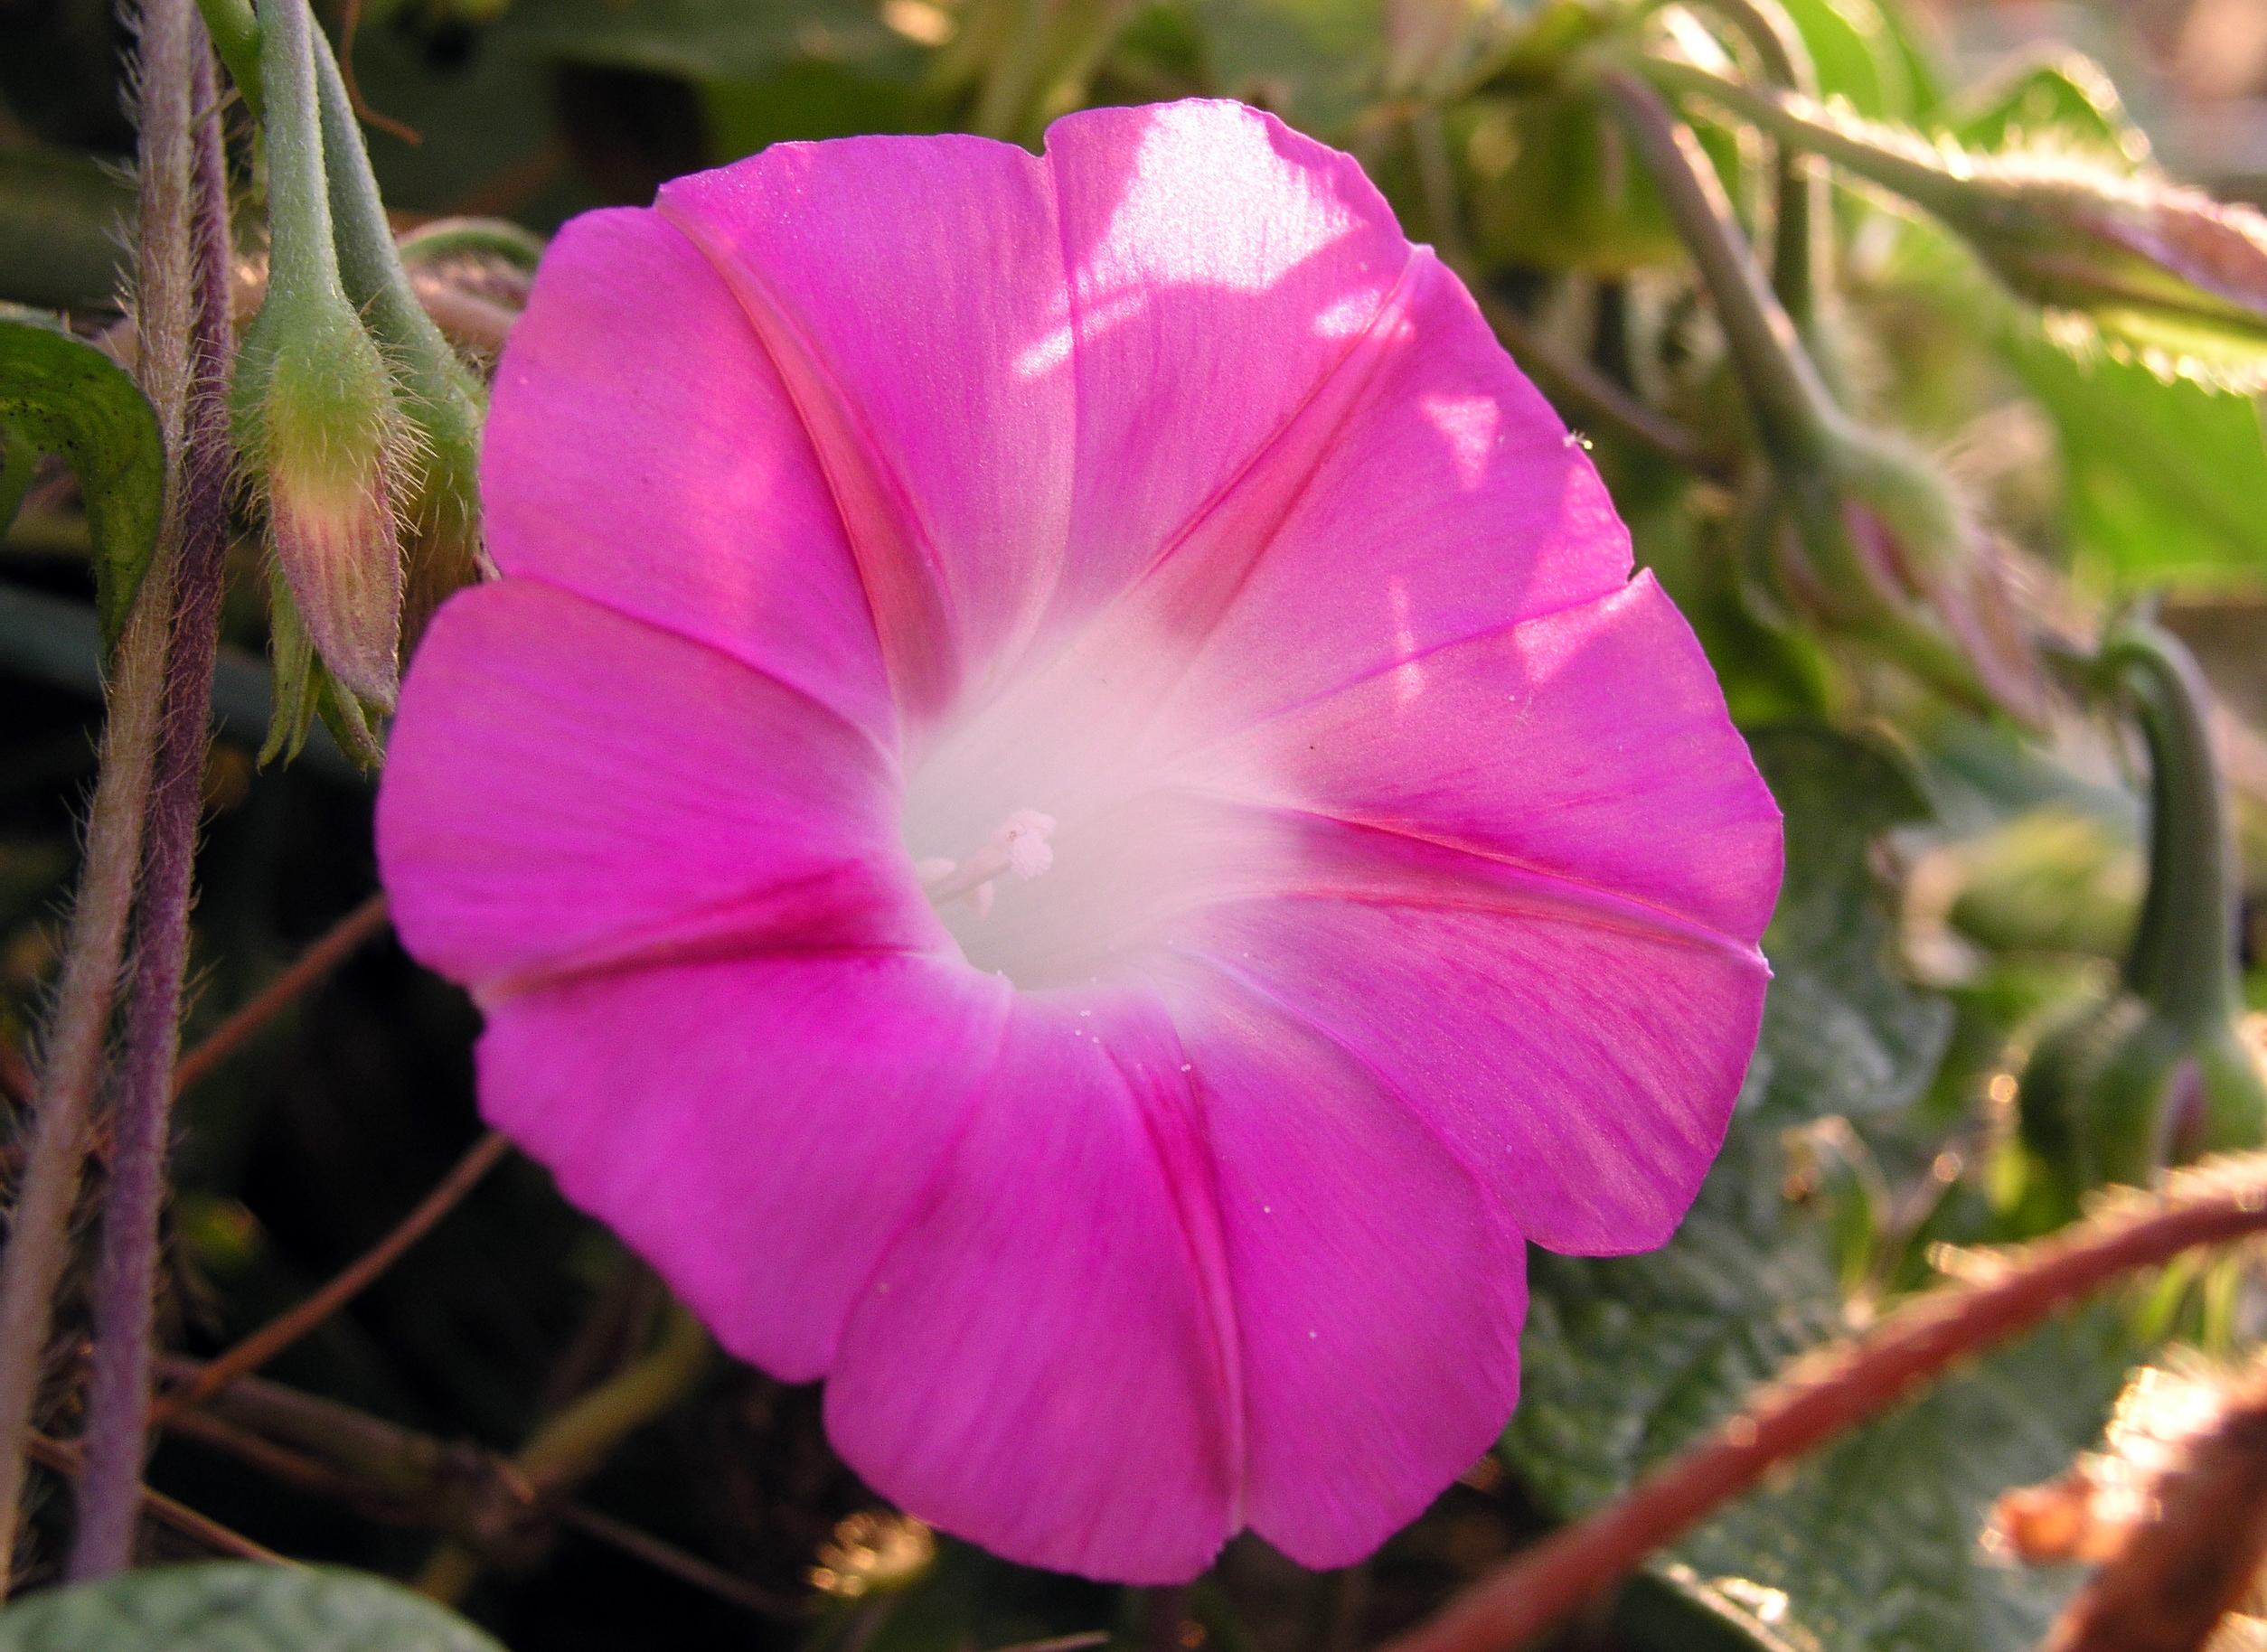 Pink Ipomoea purpurea